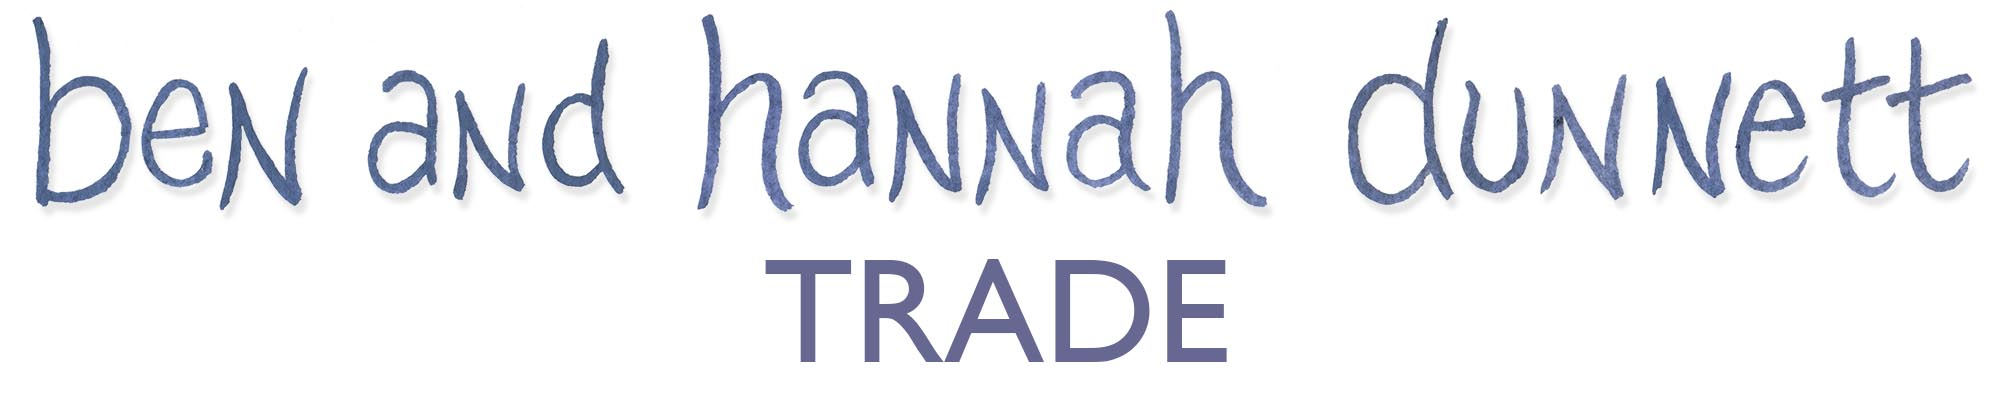 Ben and Hannah Dunnett Trade